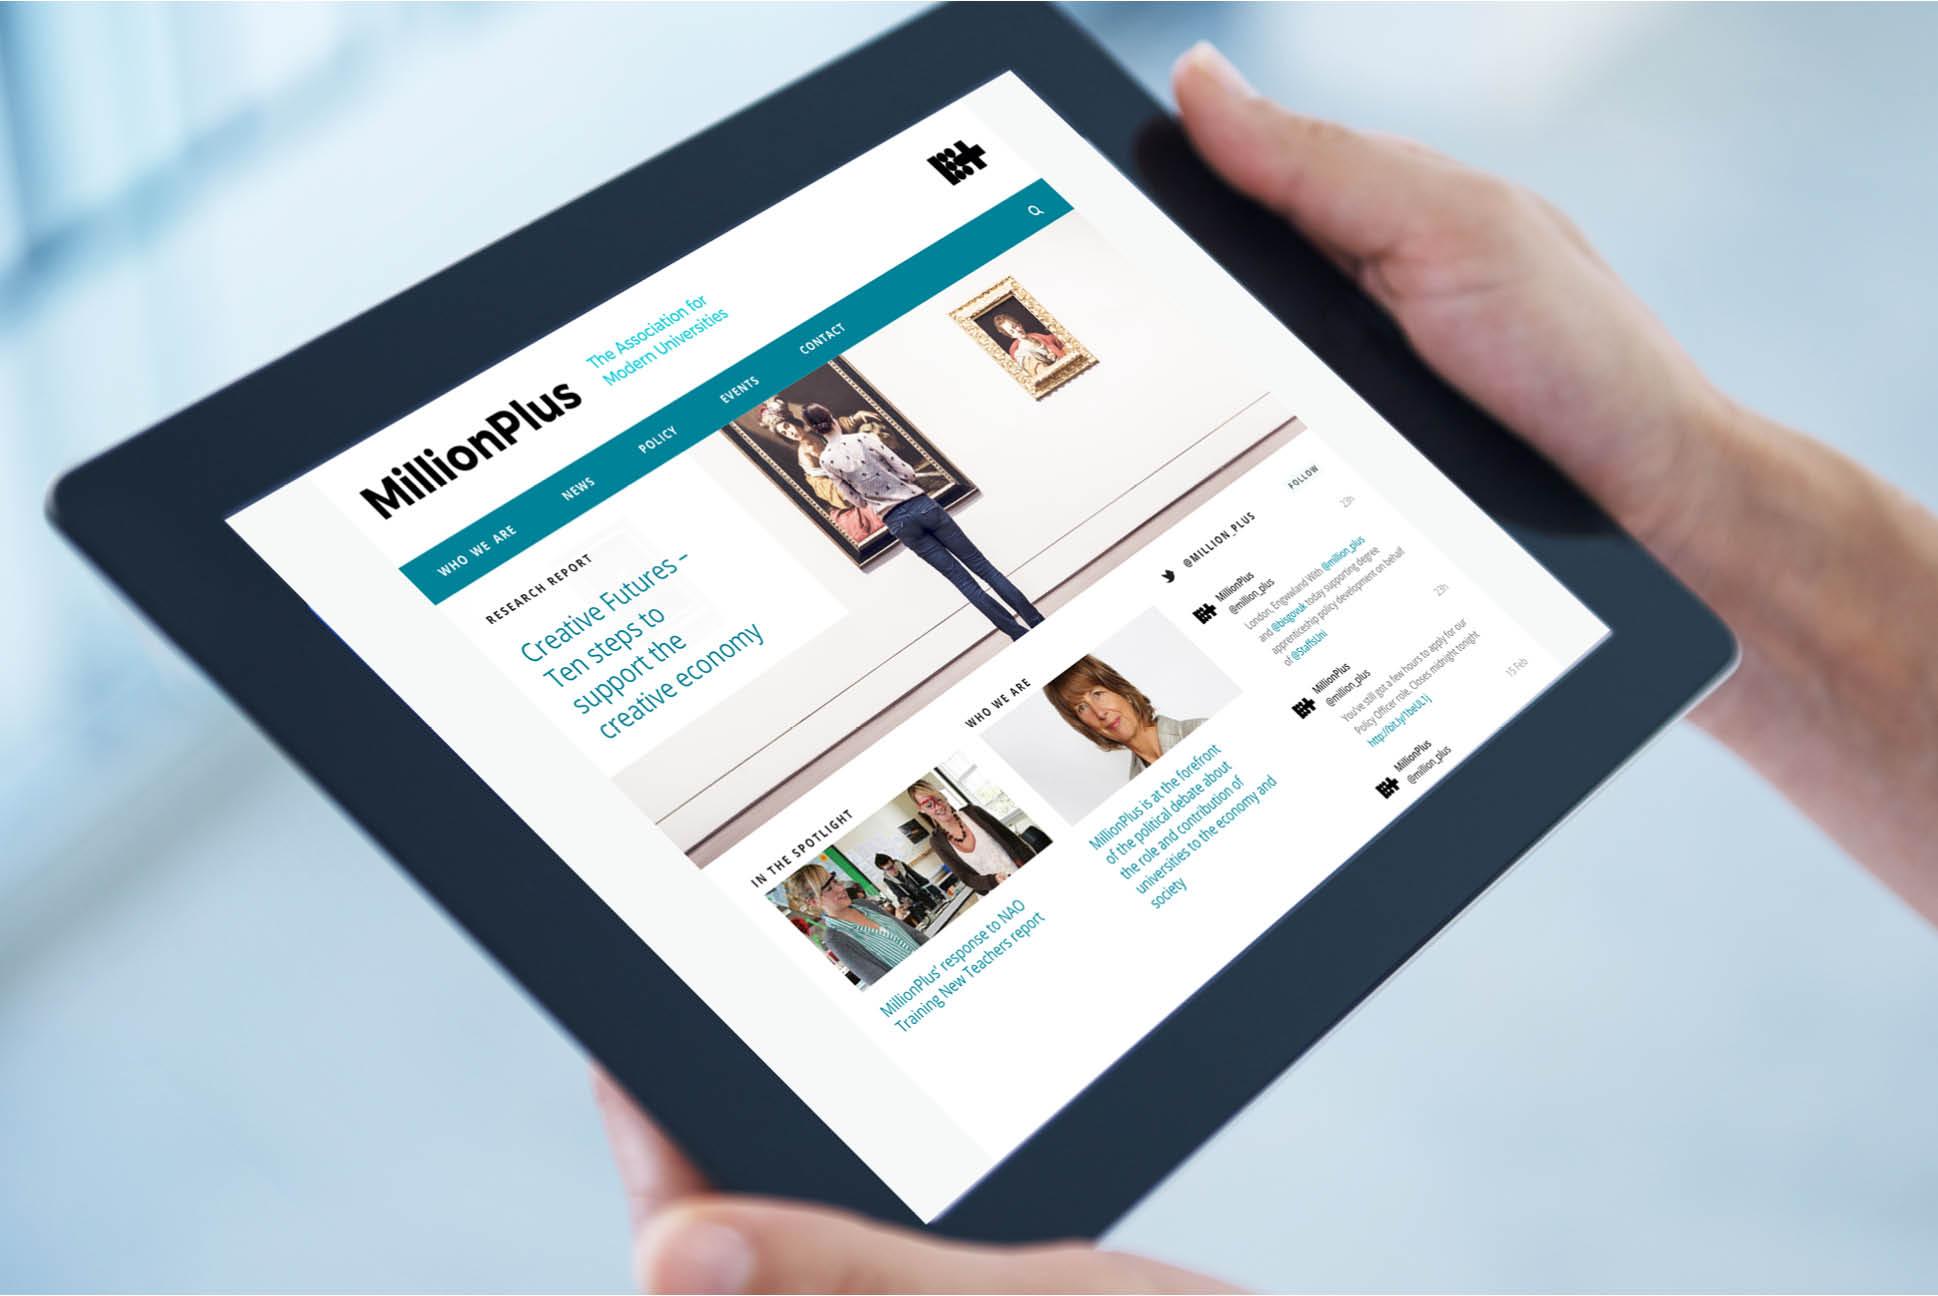 MillionPlus website